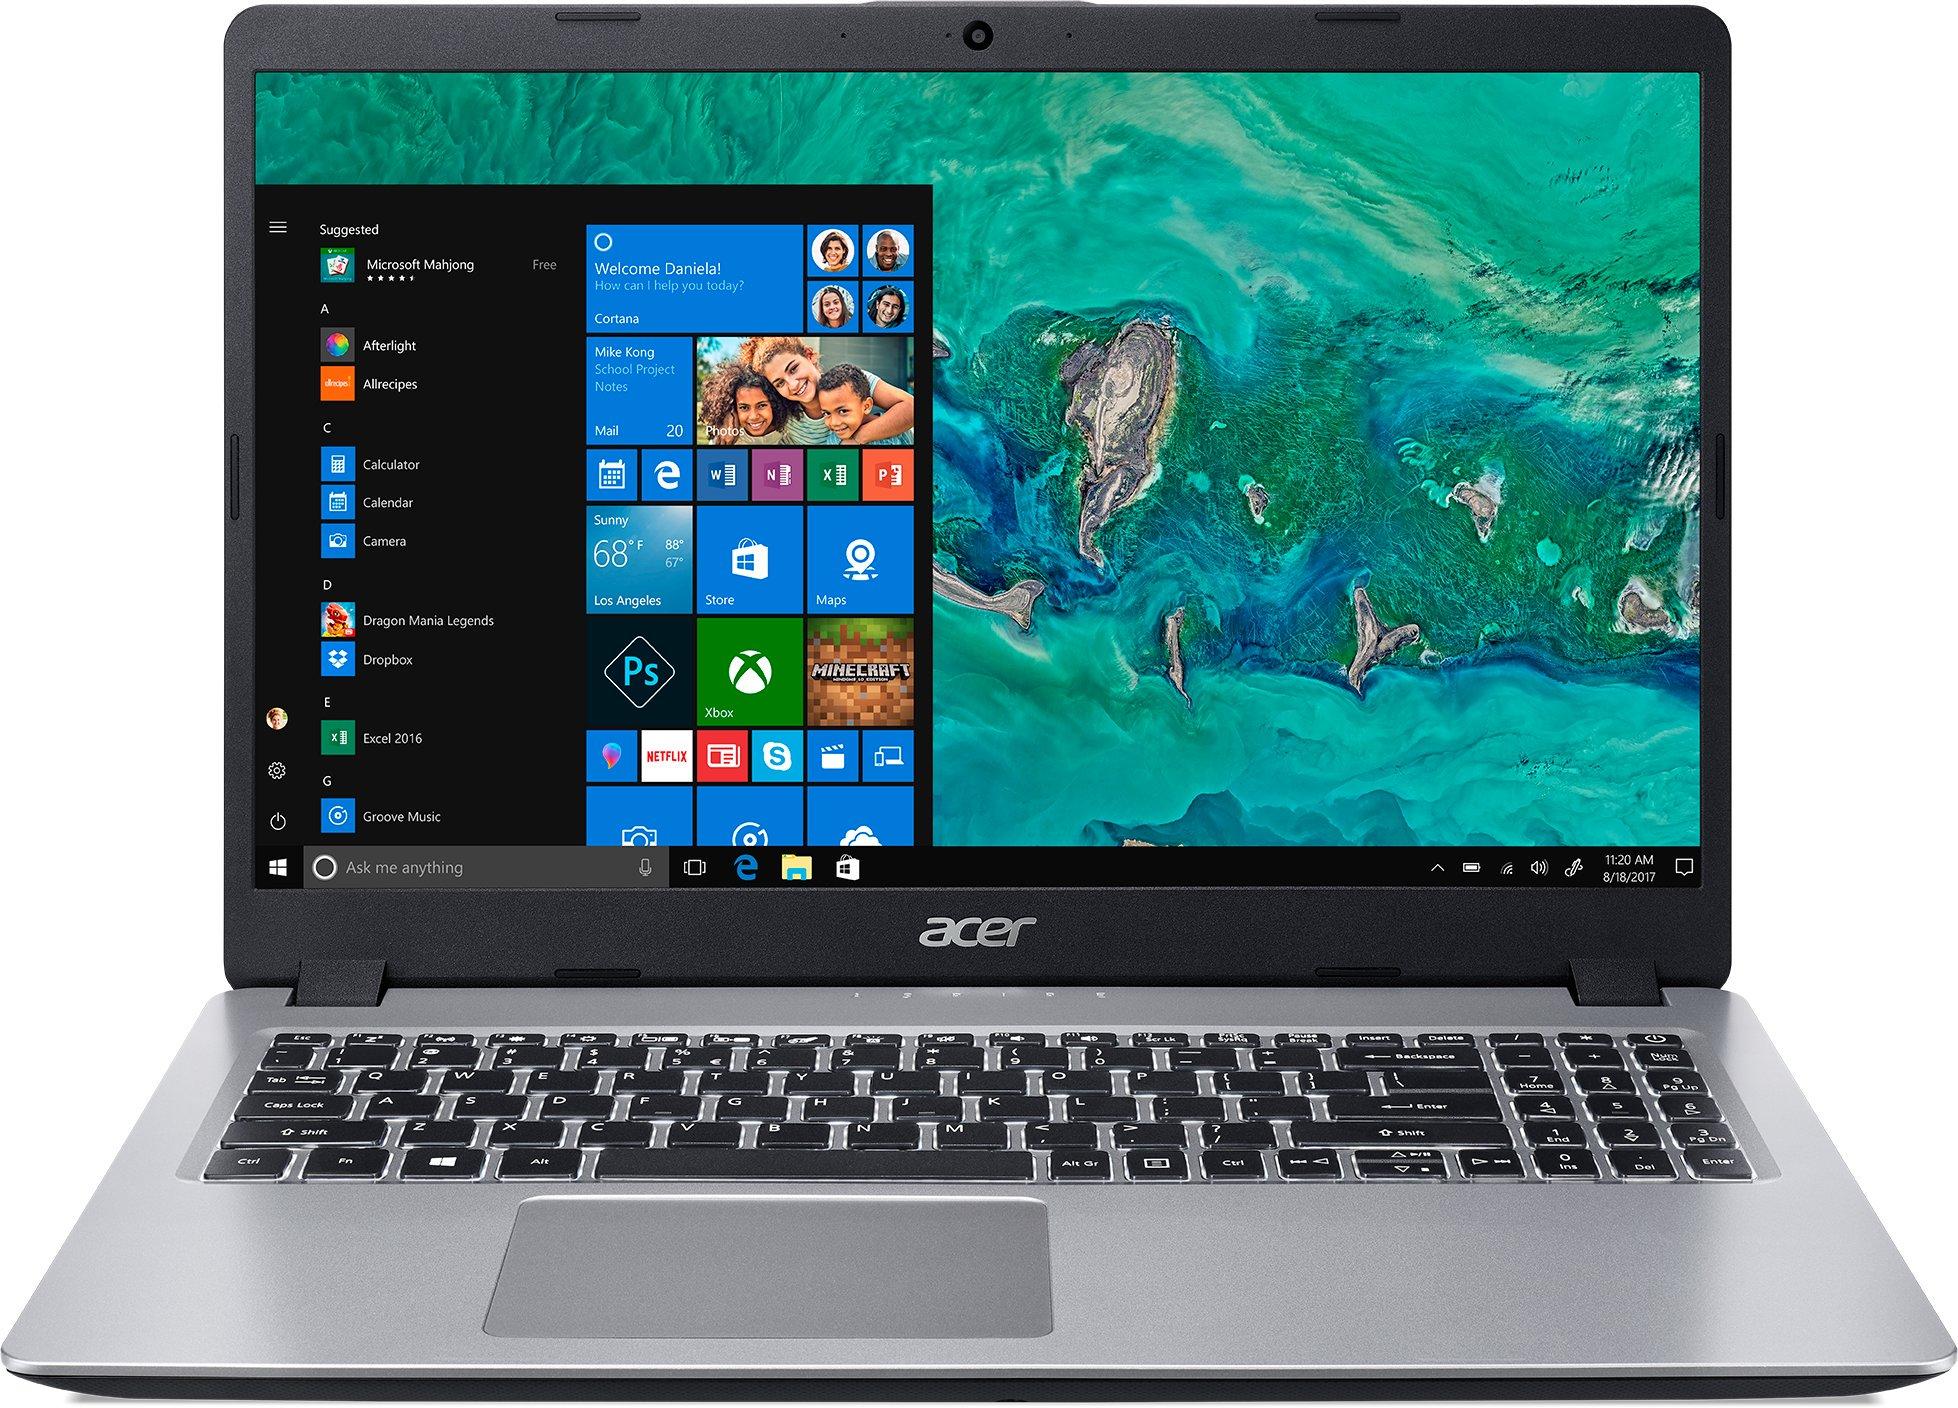 Acer Aspire 5 A515-52-7348